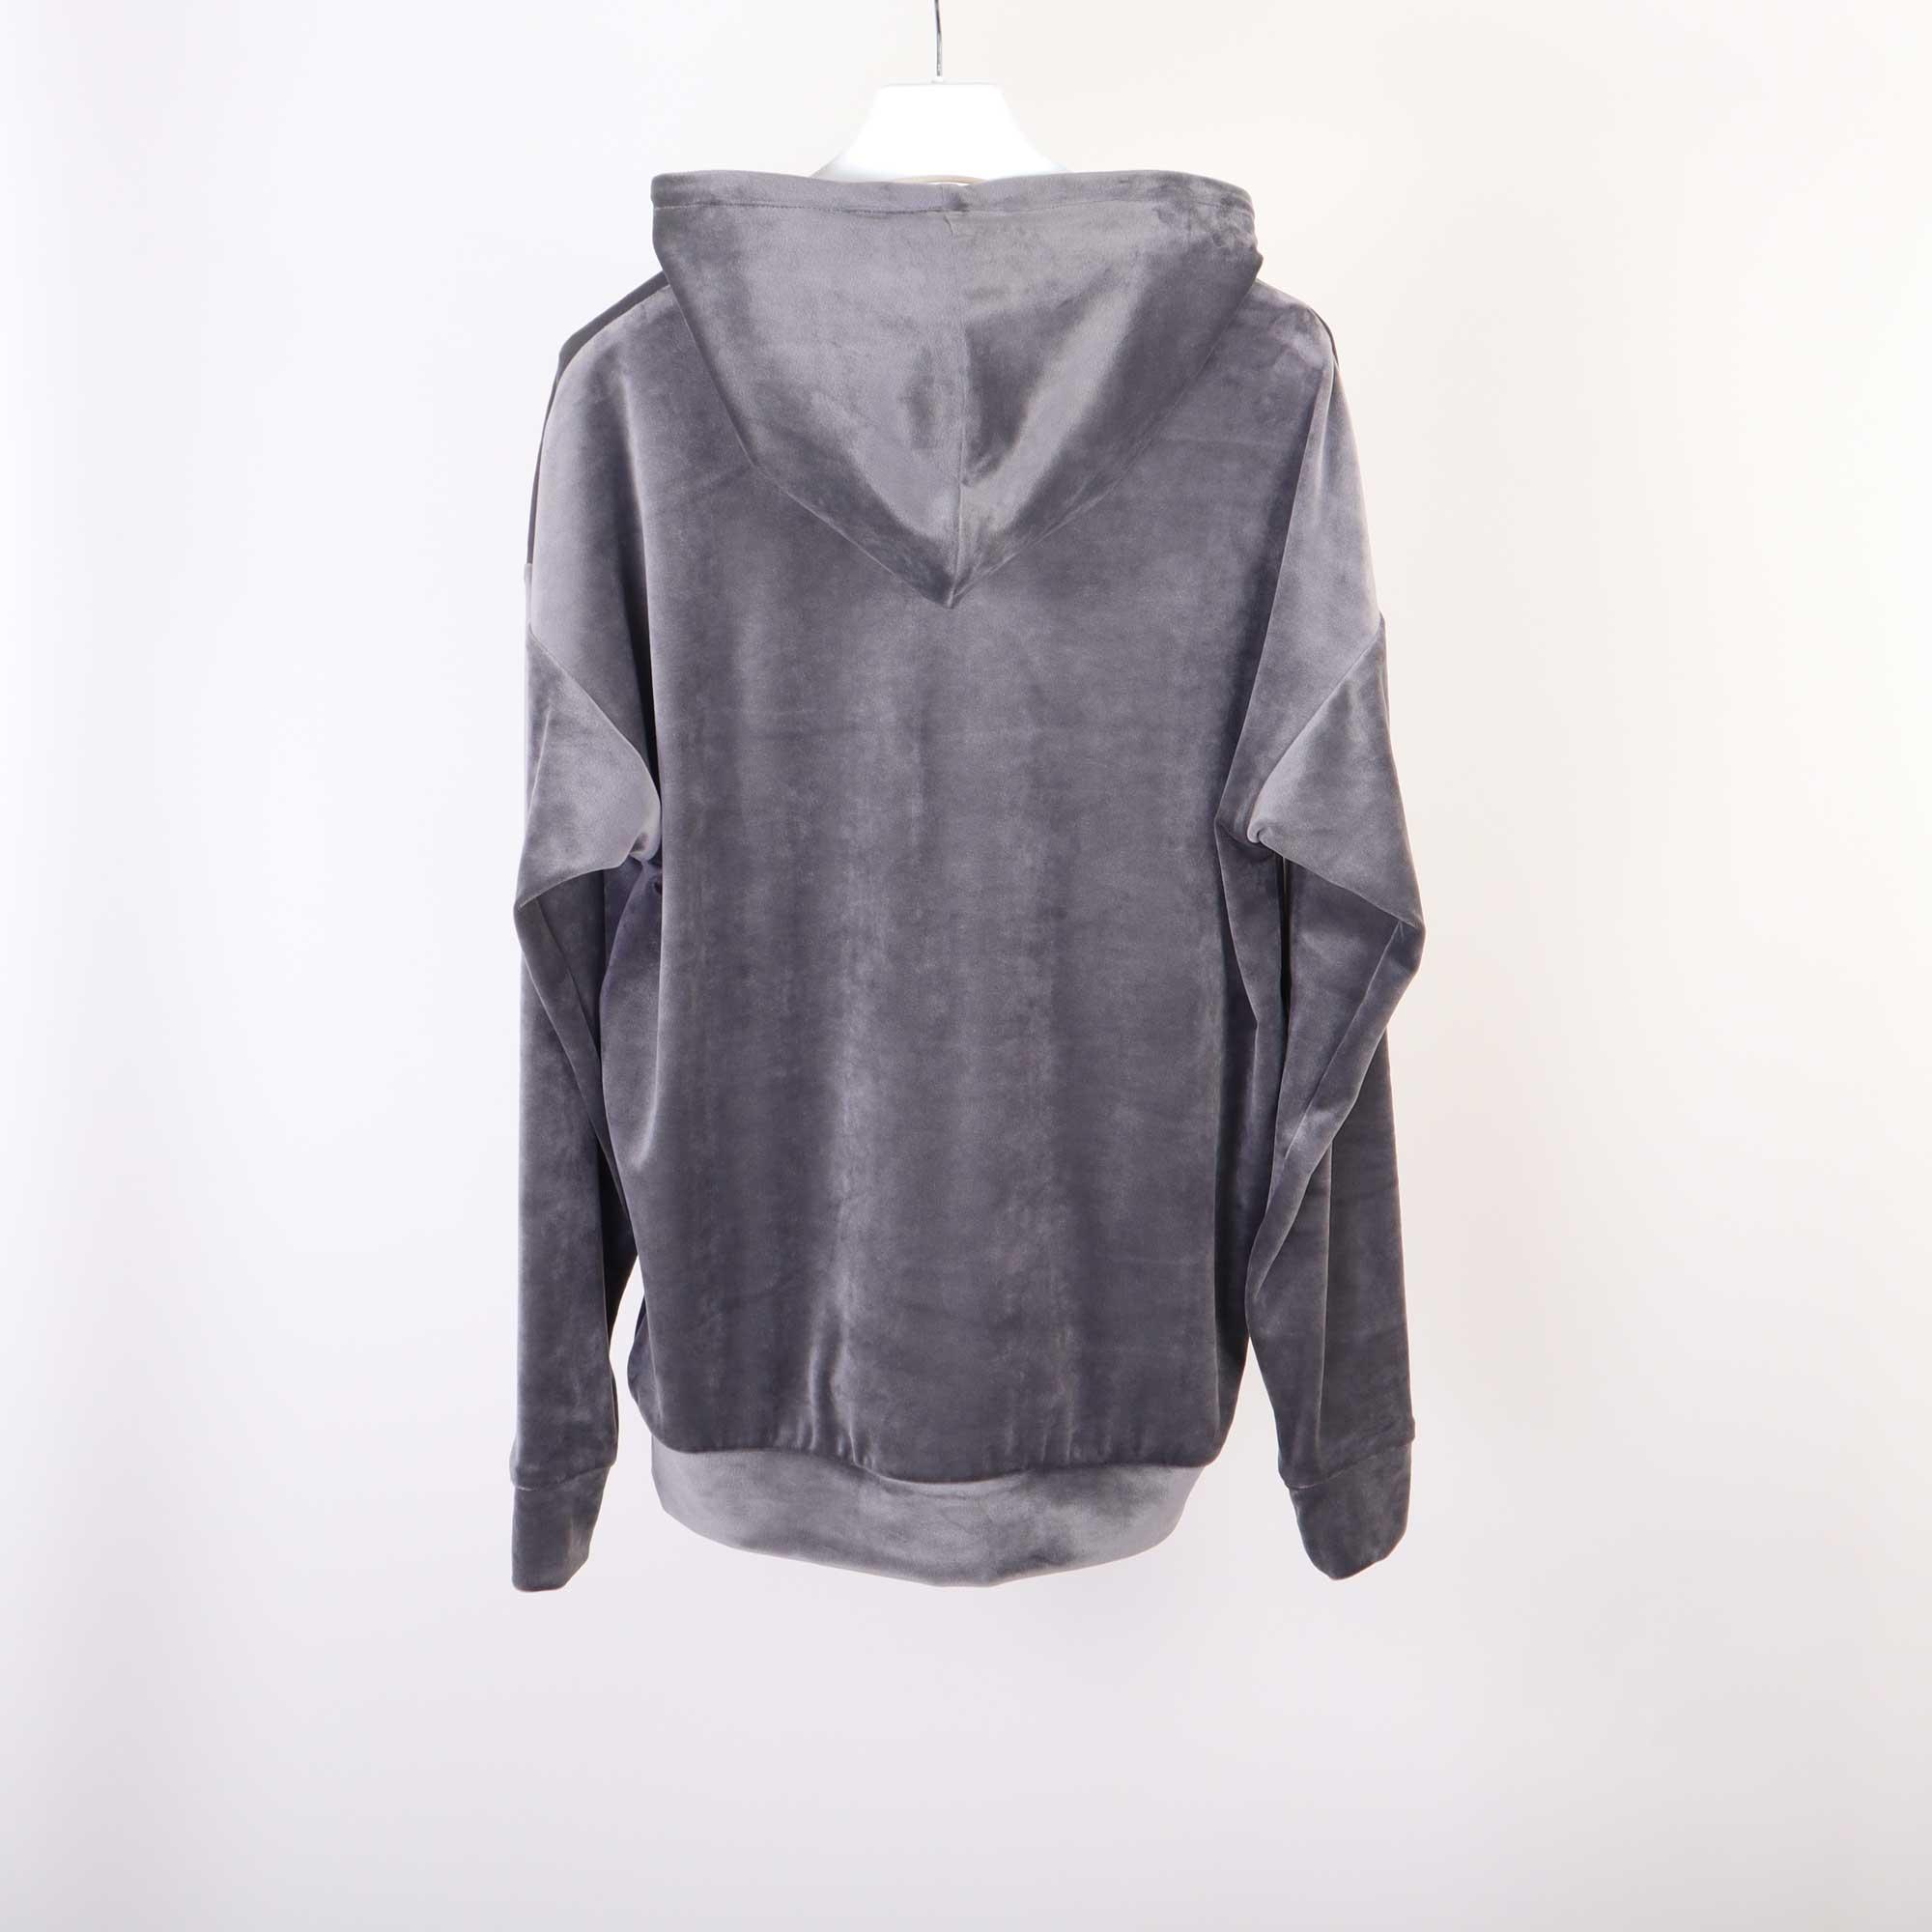 velvet-grijs-1